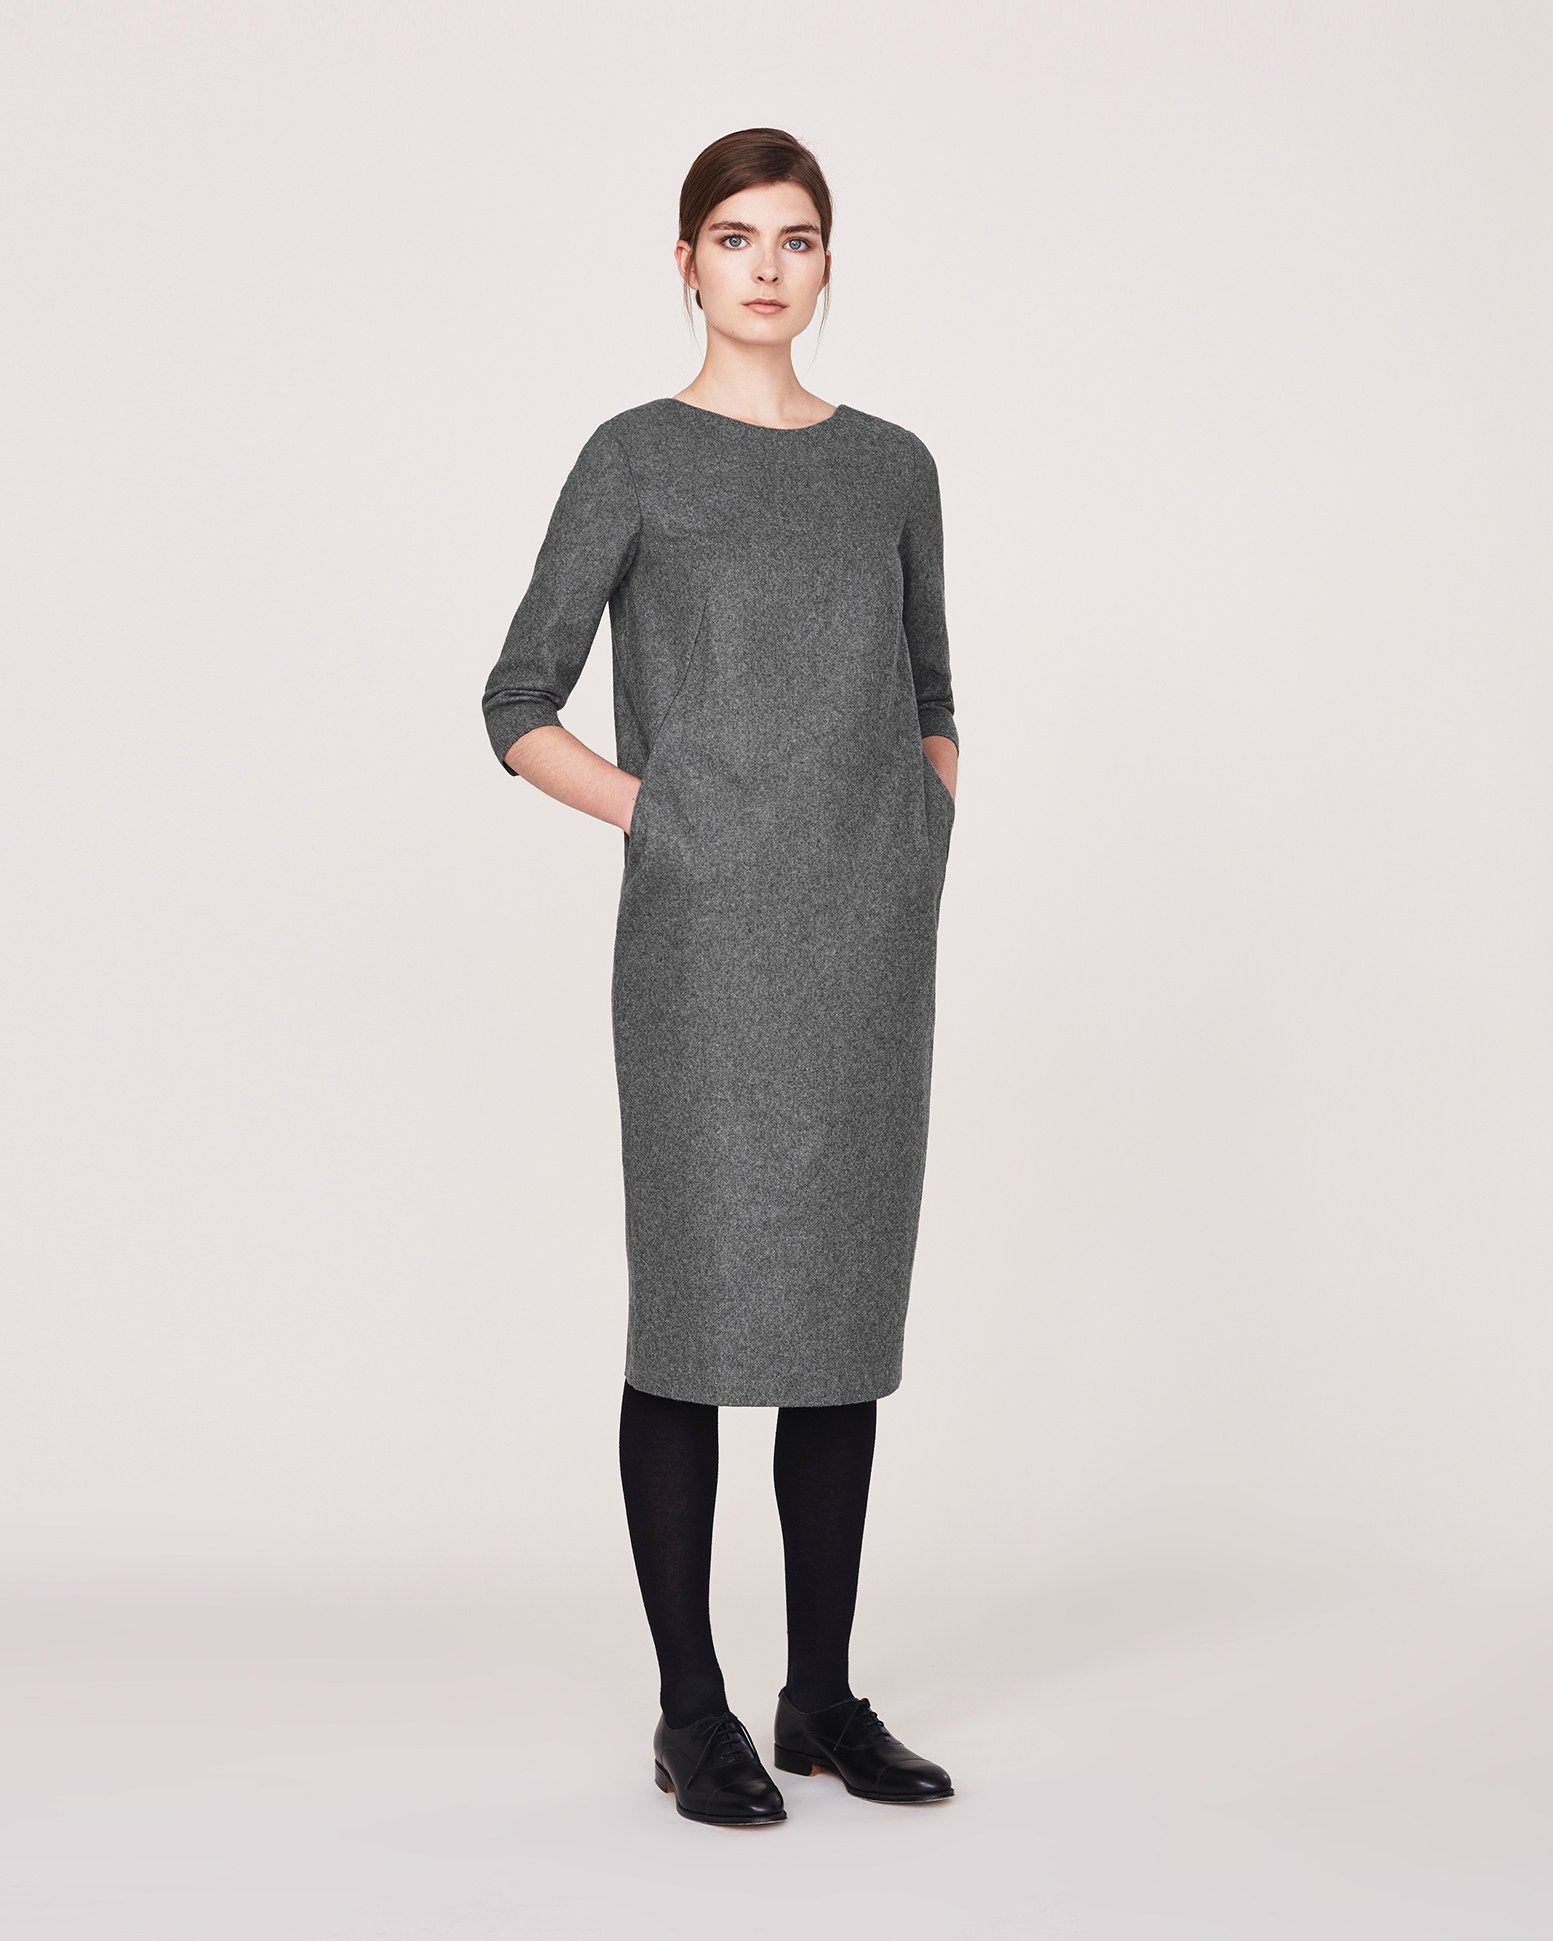 Funktional henley dress maxi